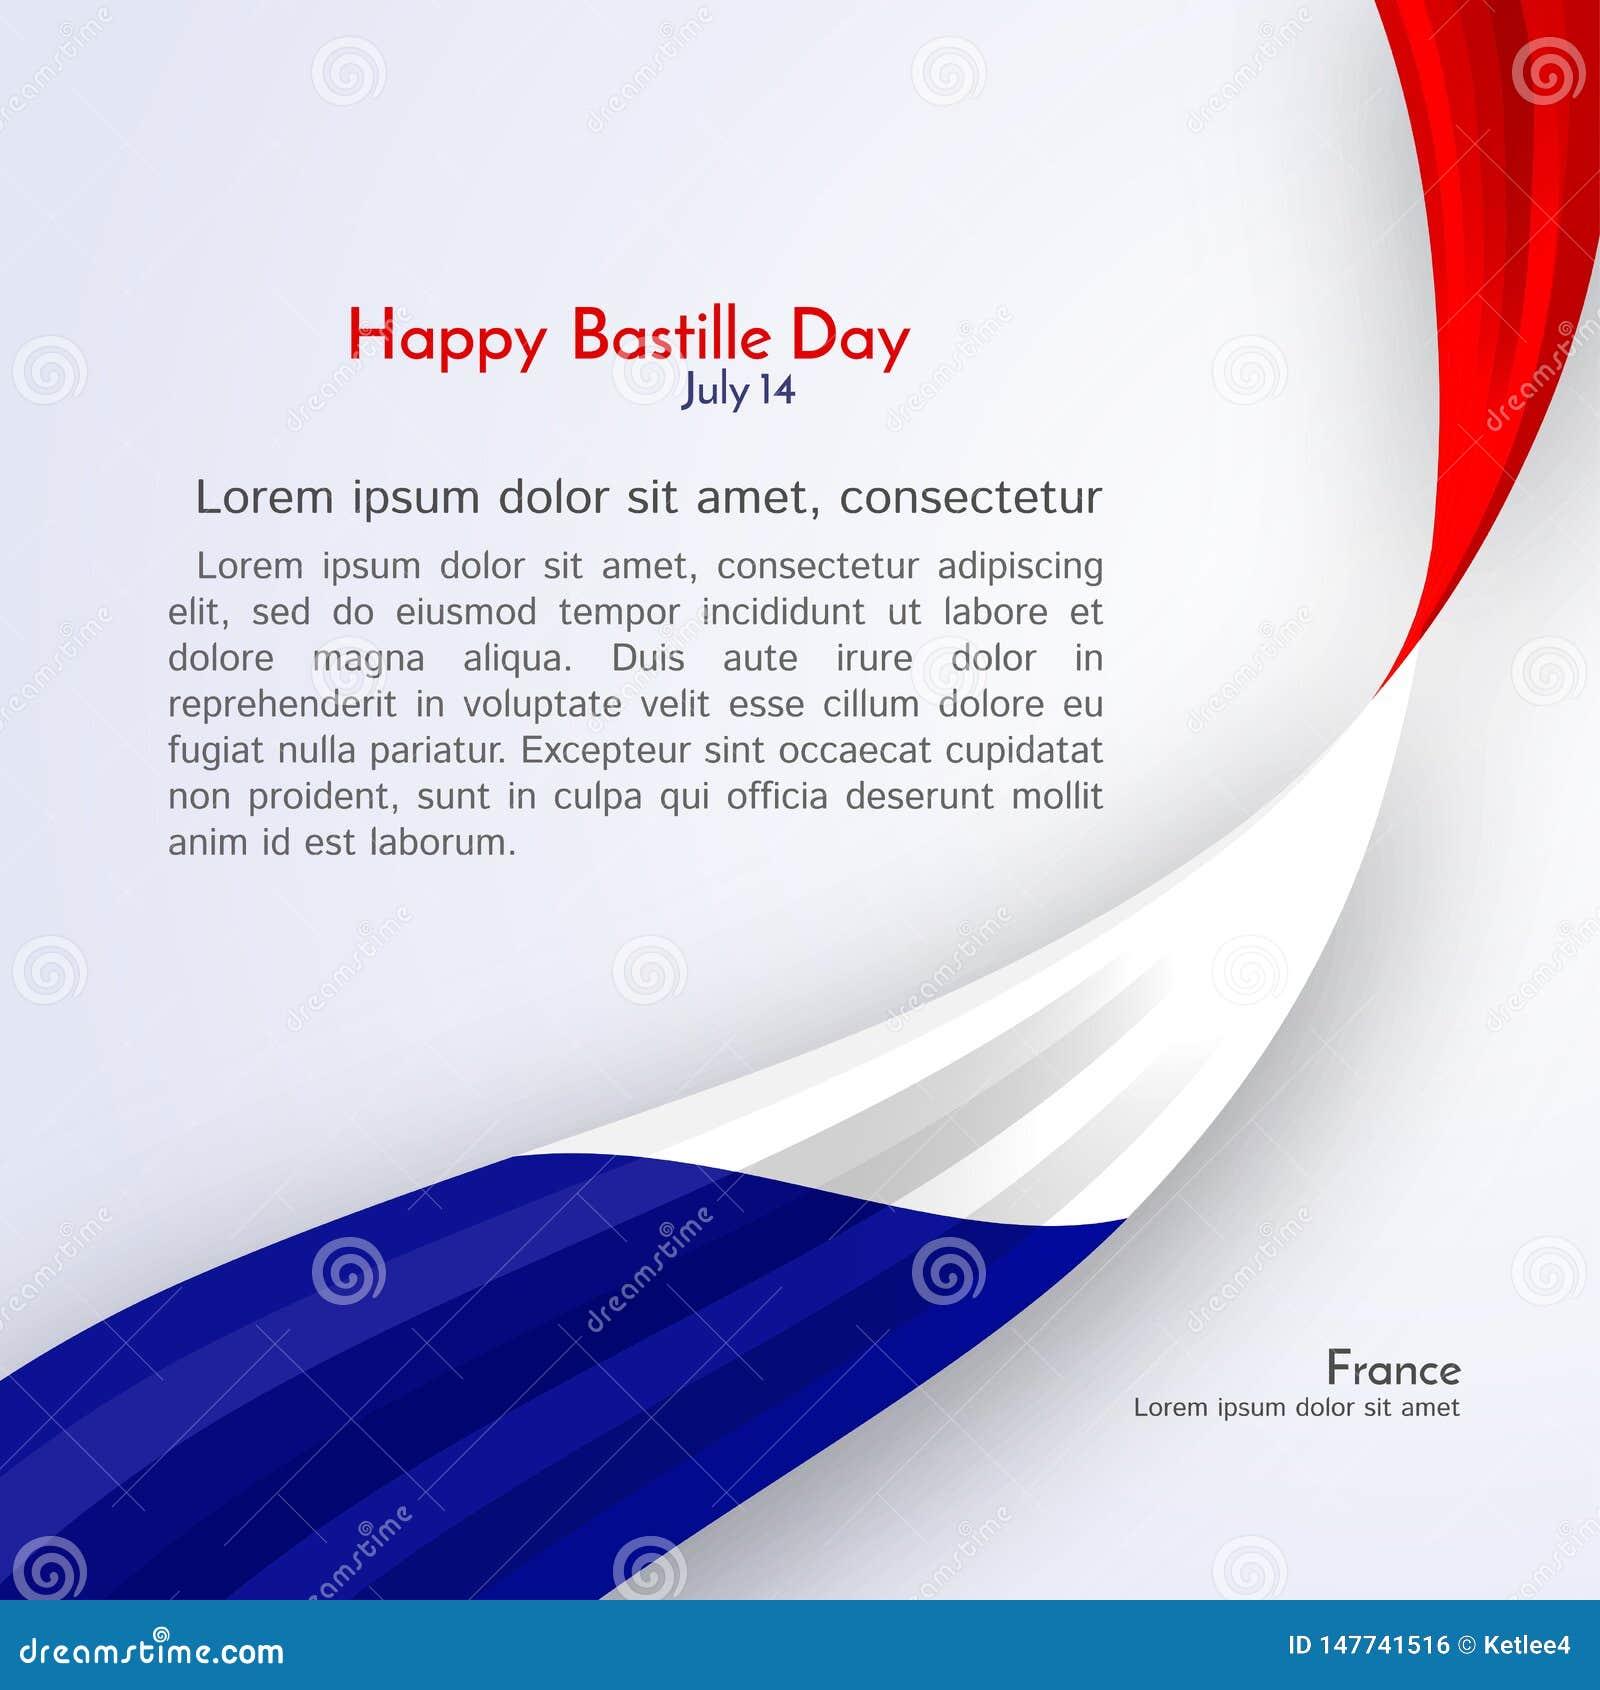 法国和文本在一种轻的背景小册子横幅布局的愉快的巴士底日丝带旗子与法国旗子波浪线